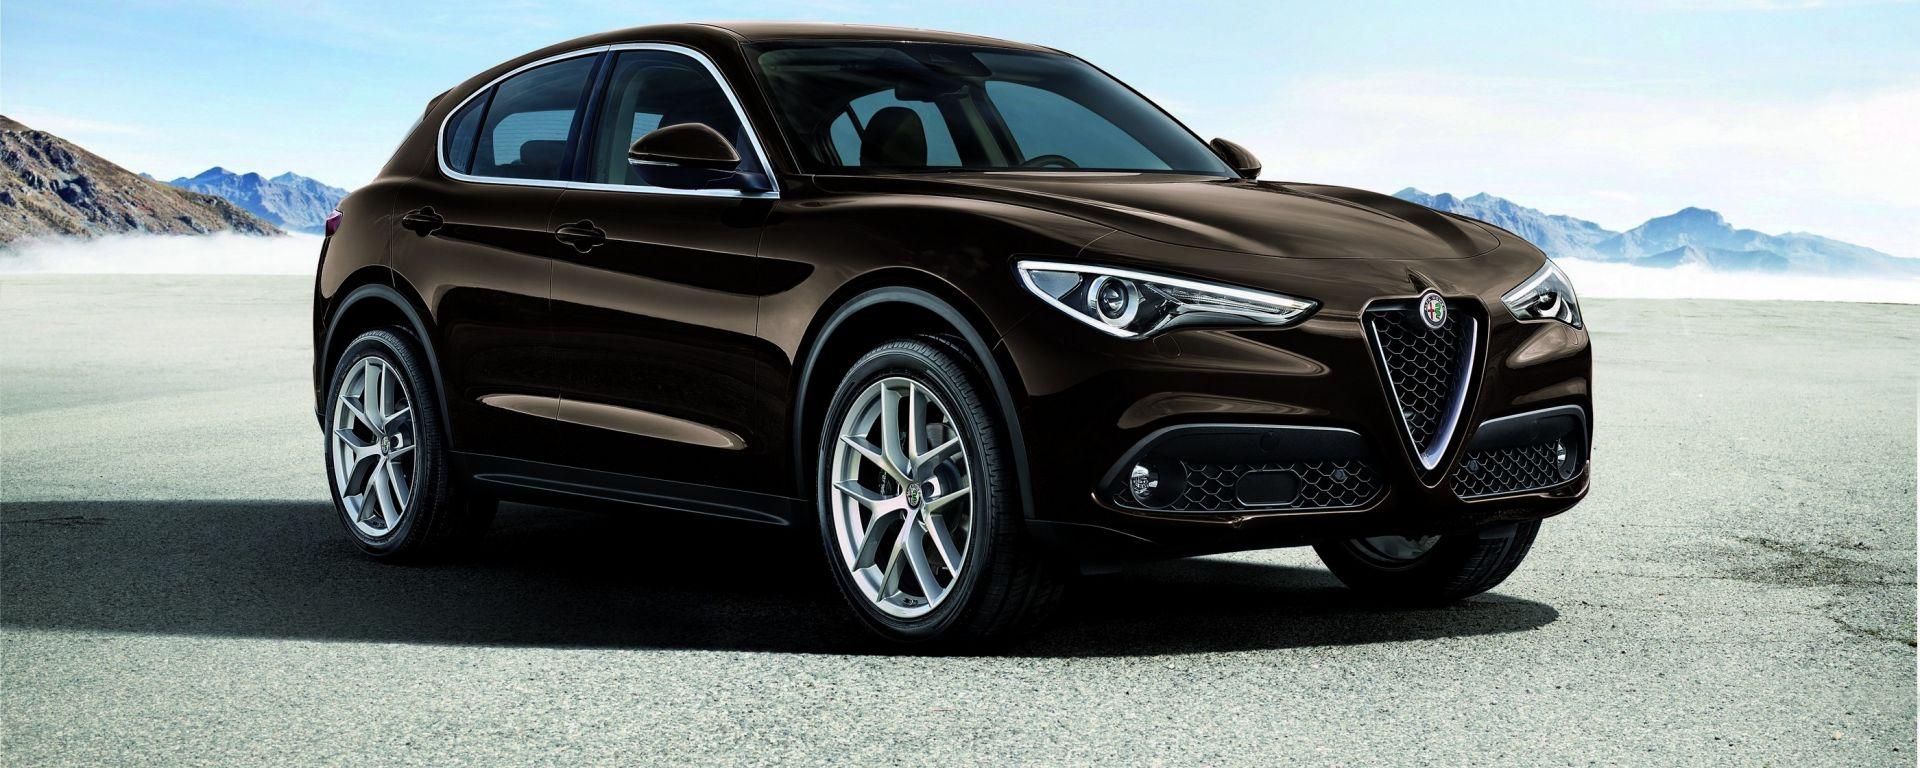 Arriva il 2.2 Diesel Q4 per l'Alfa Romeo Stelvio